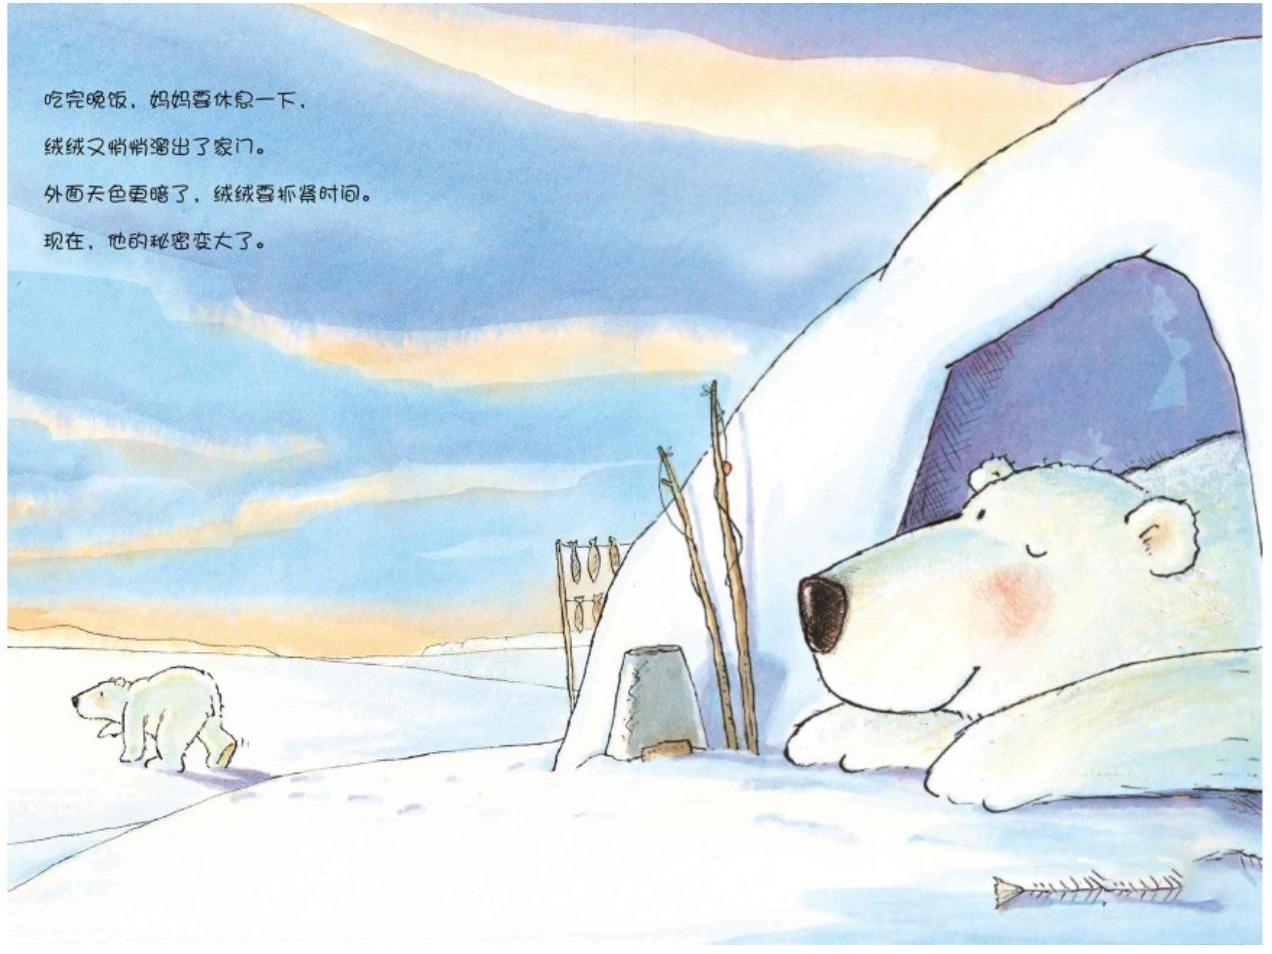 绘本欣赏 |《雪天里的秘密》